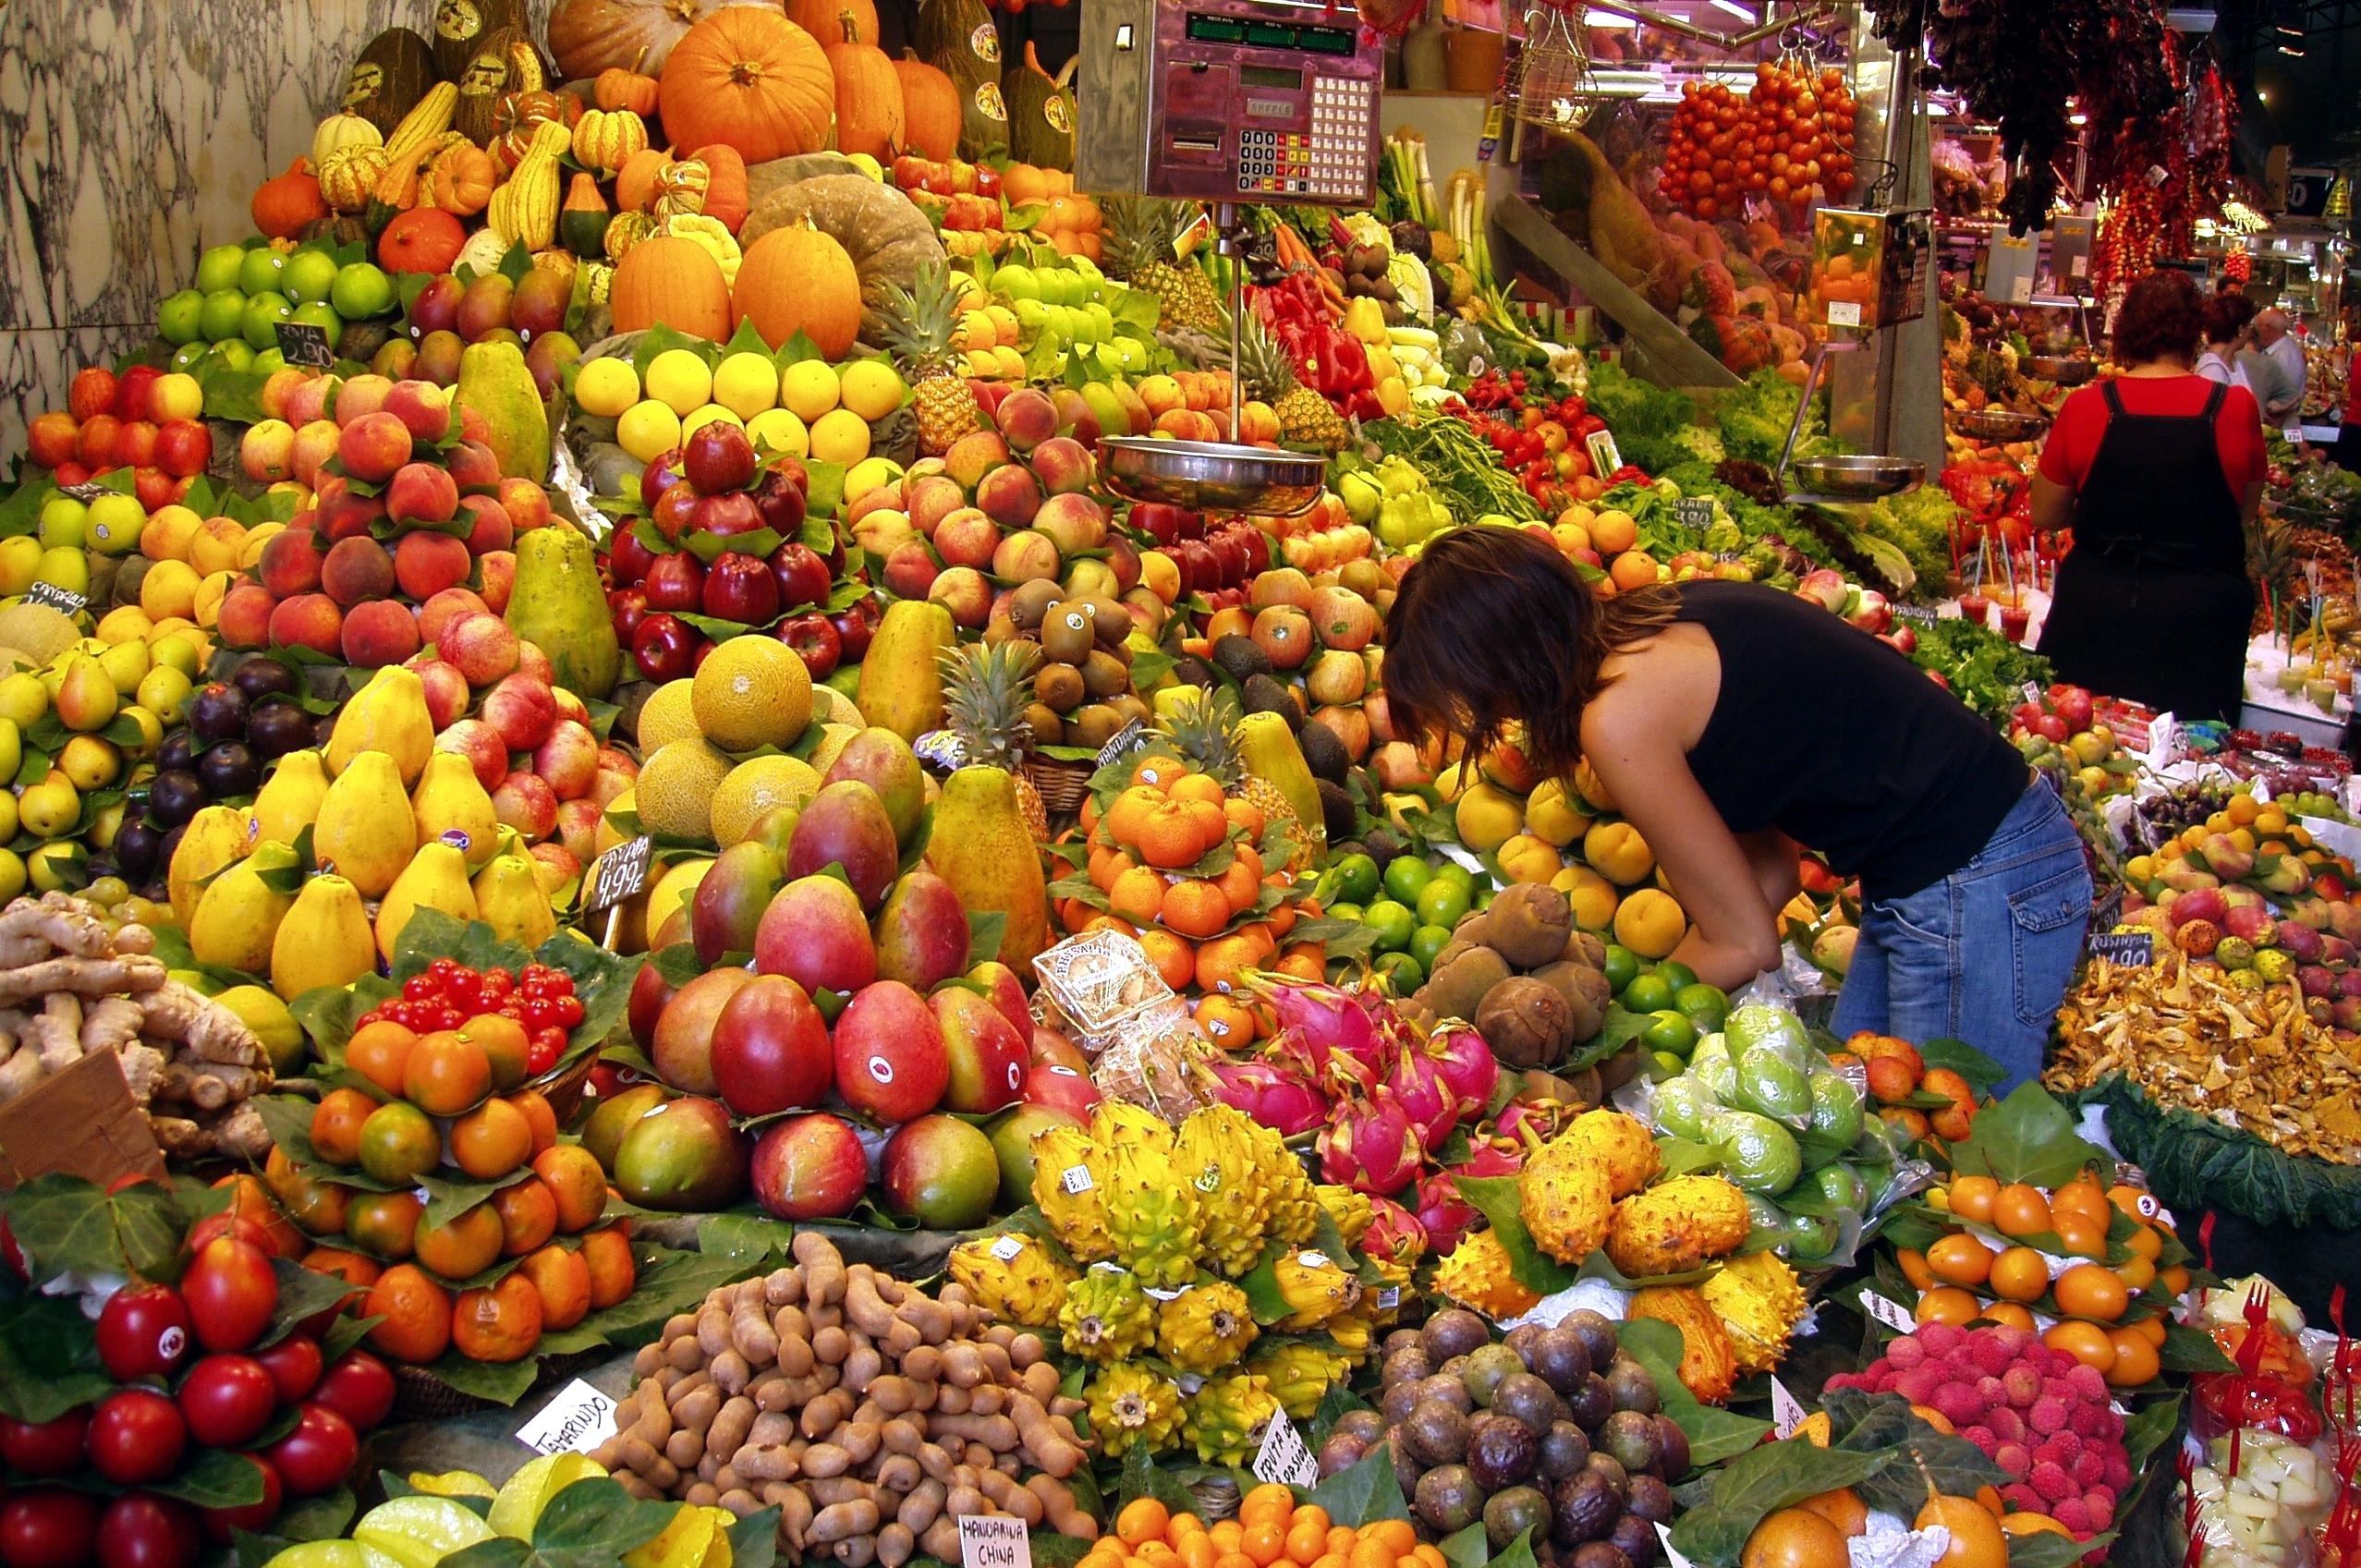 Fruit_Stall_in_Barcelona_Market